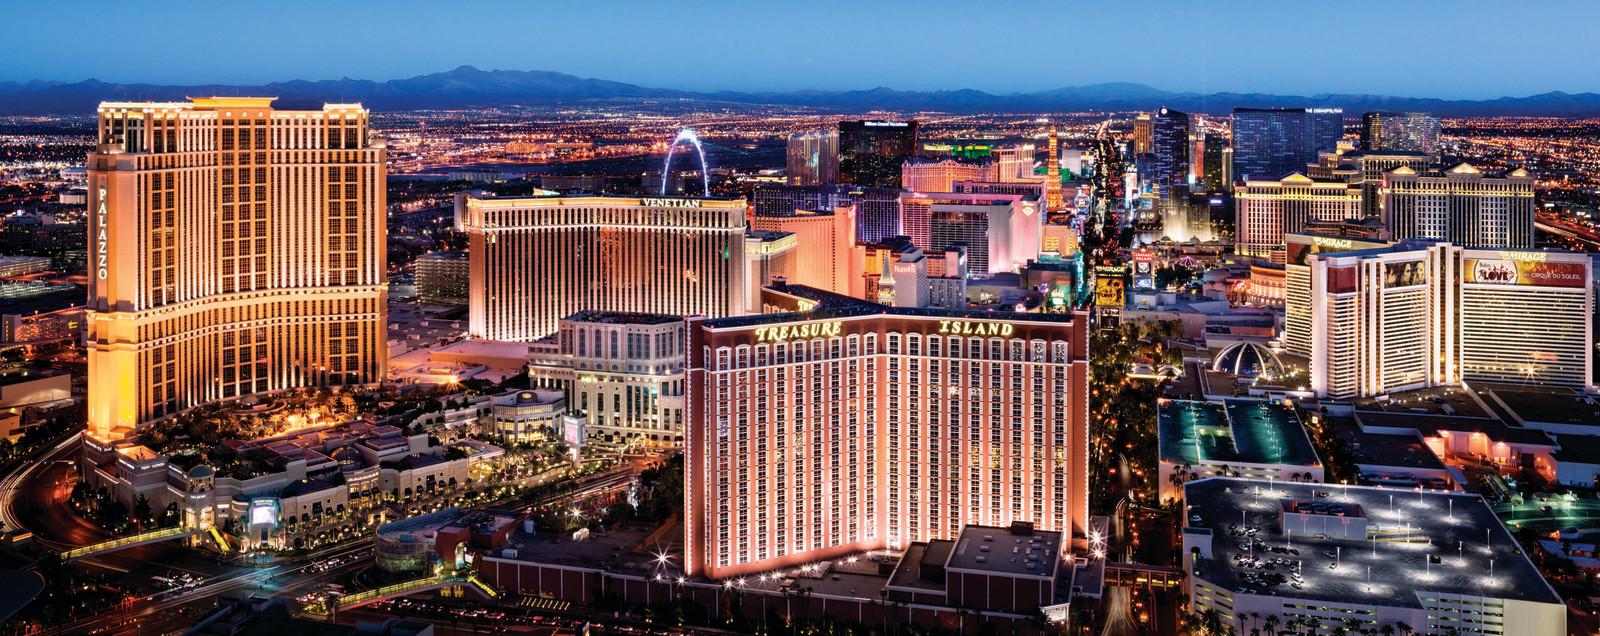 Las Vegas Strip South